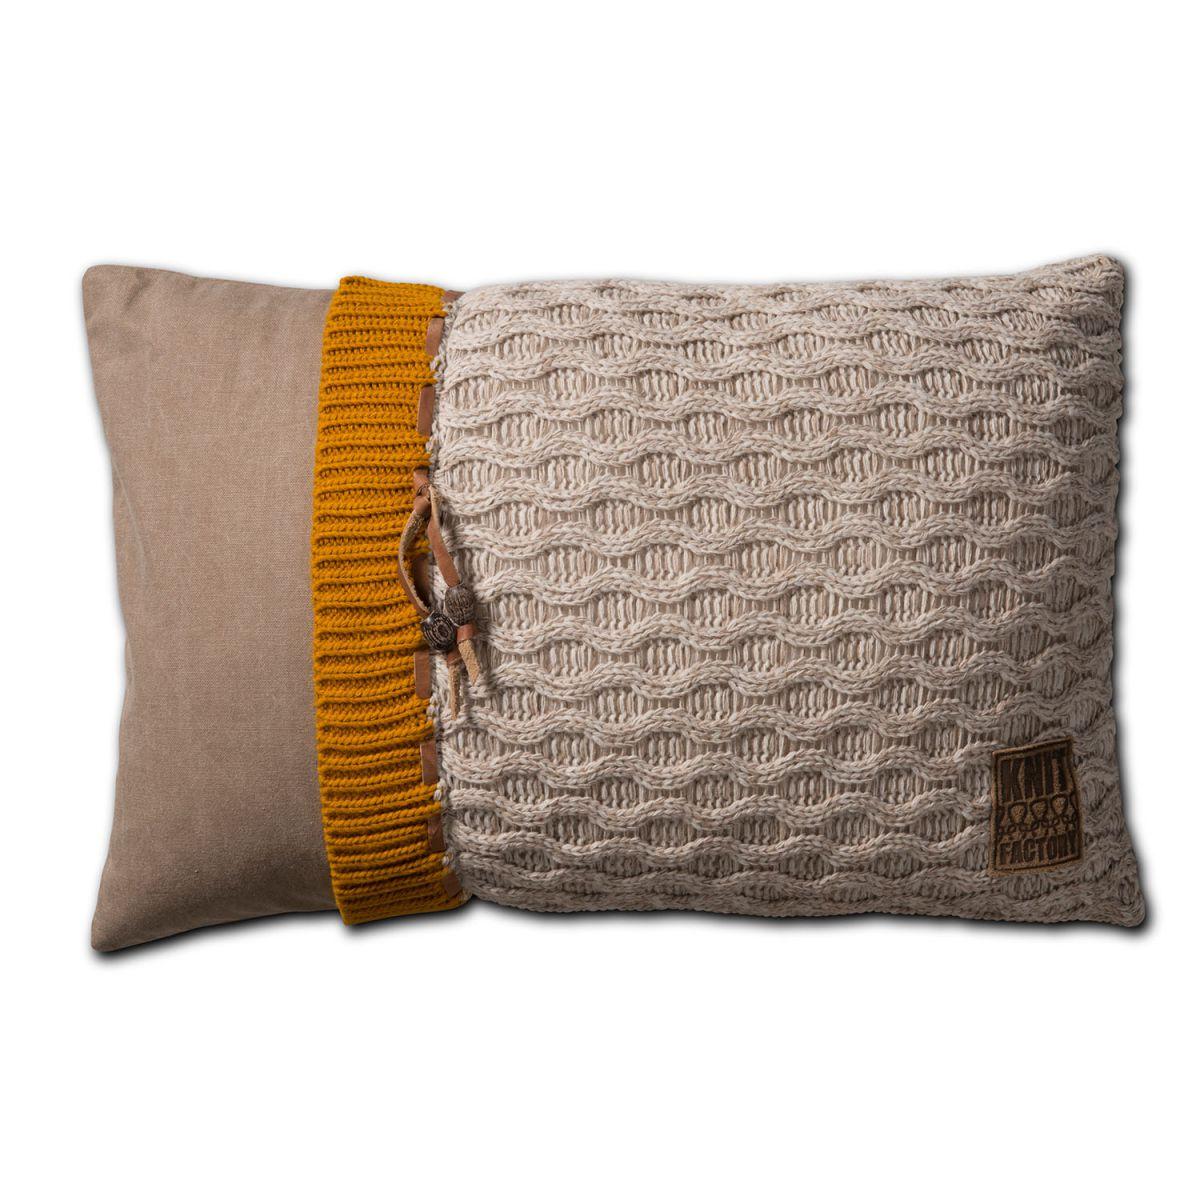 joep cushion beige melee 60x40